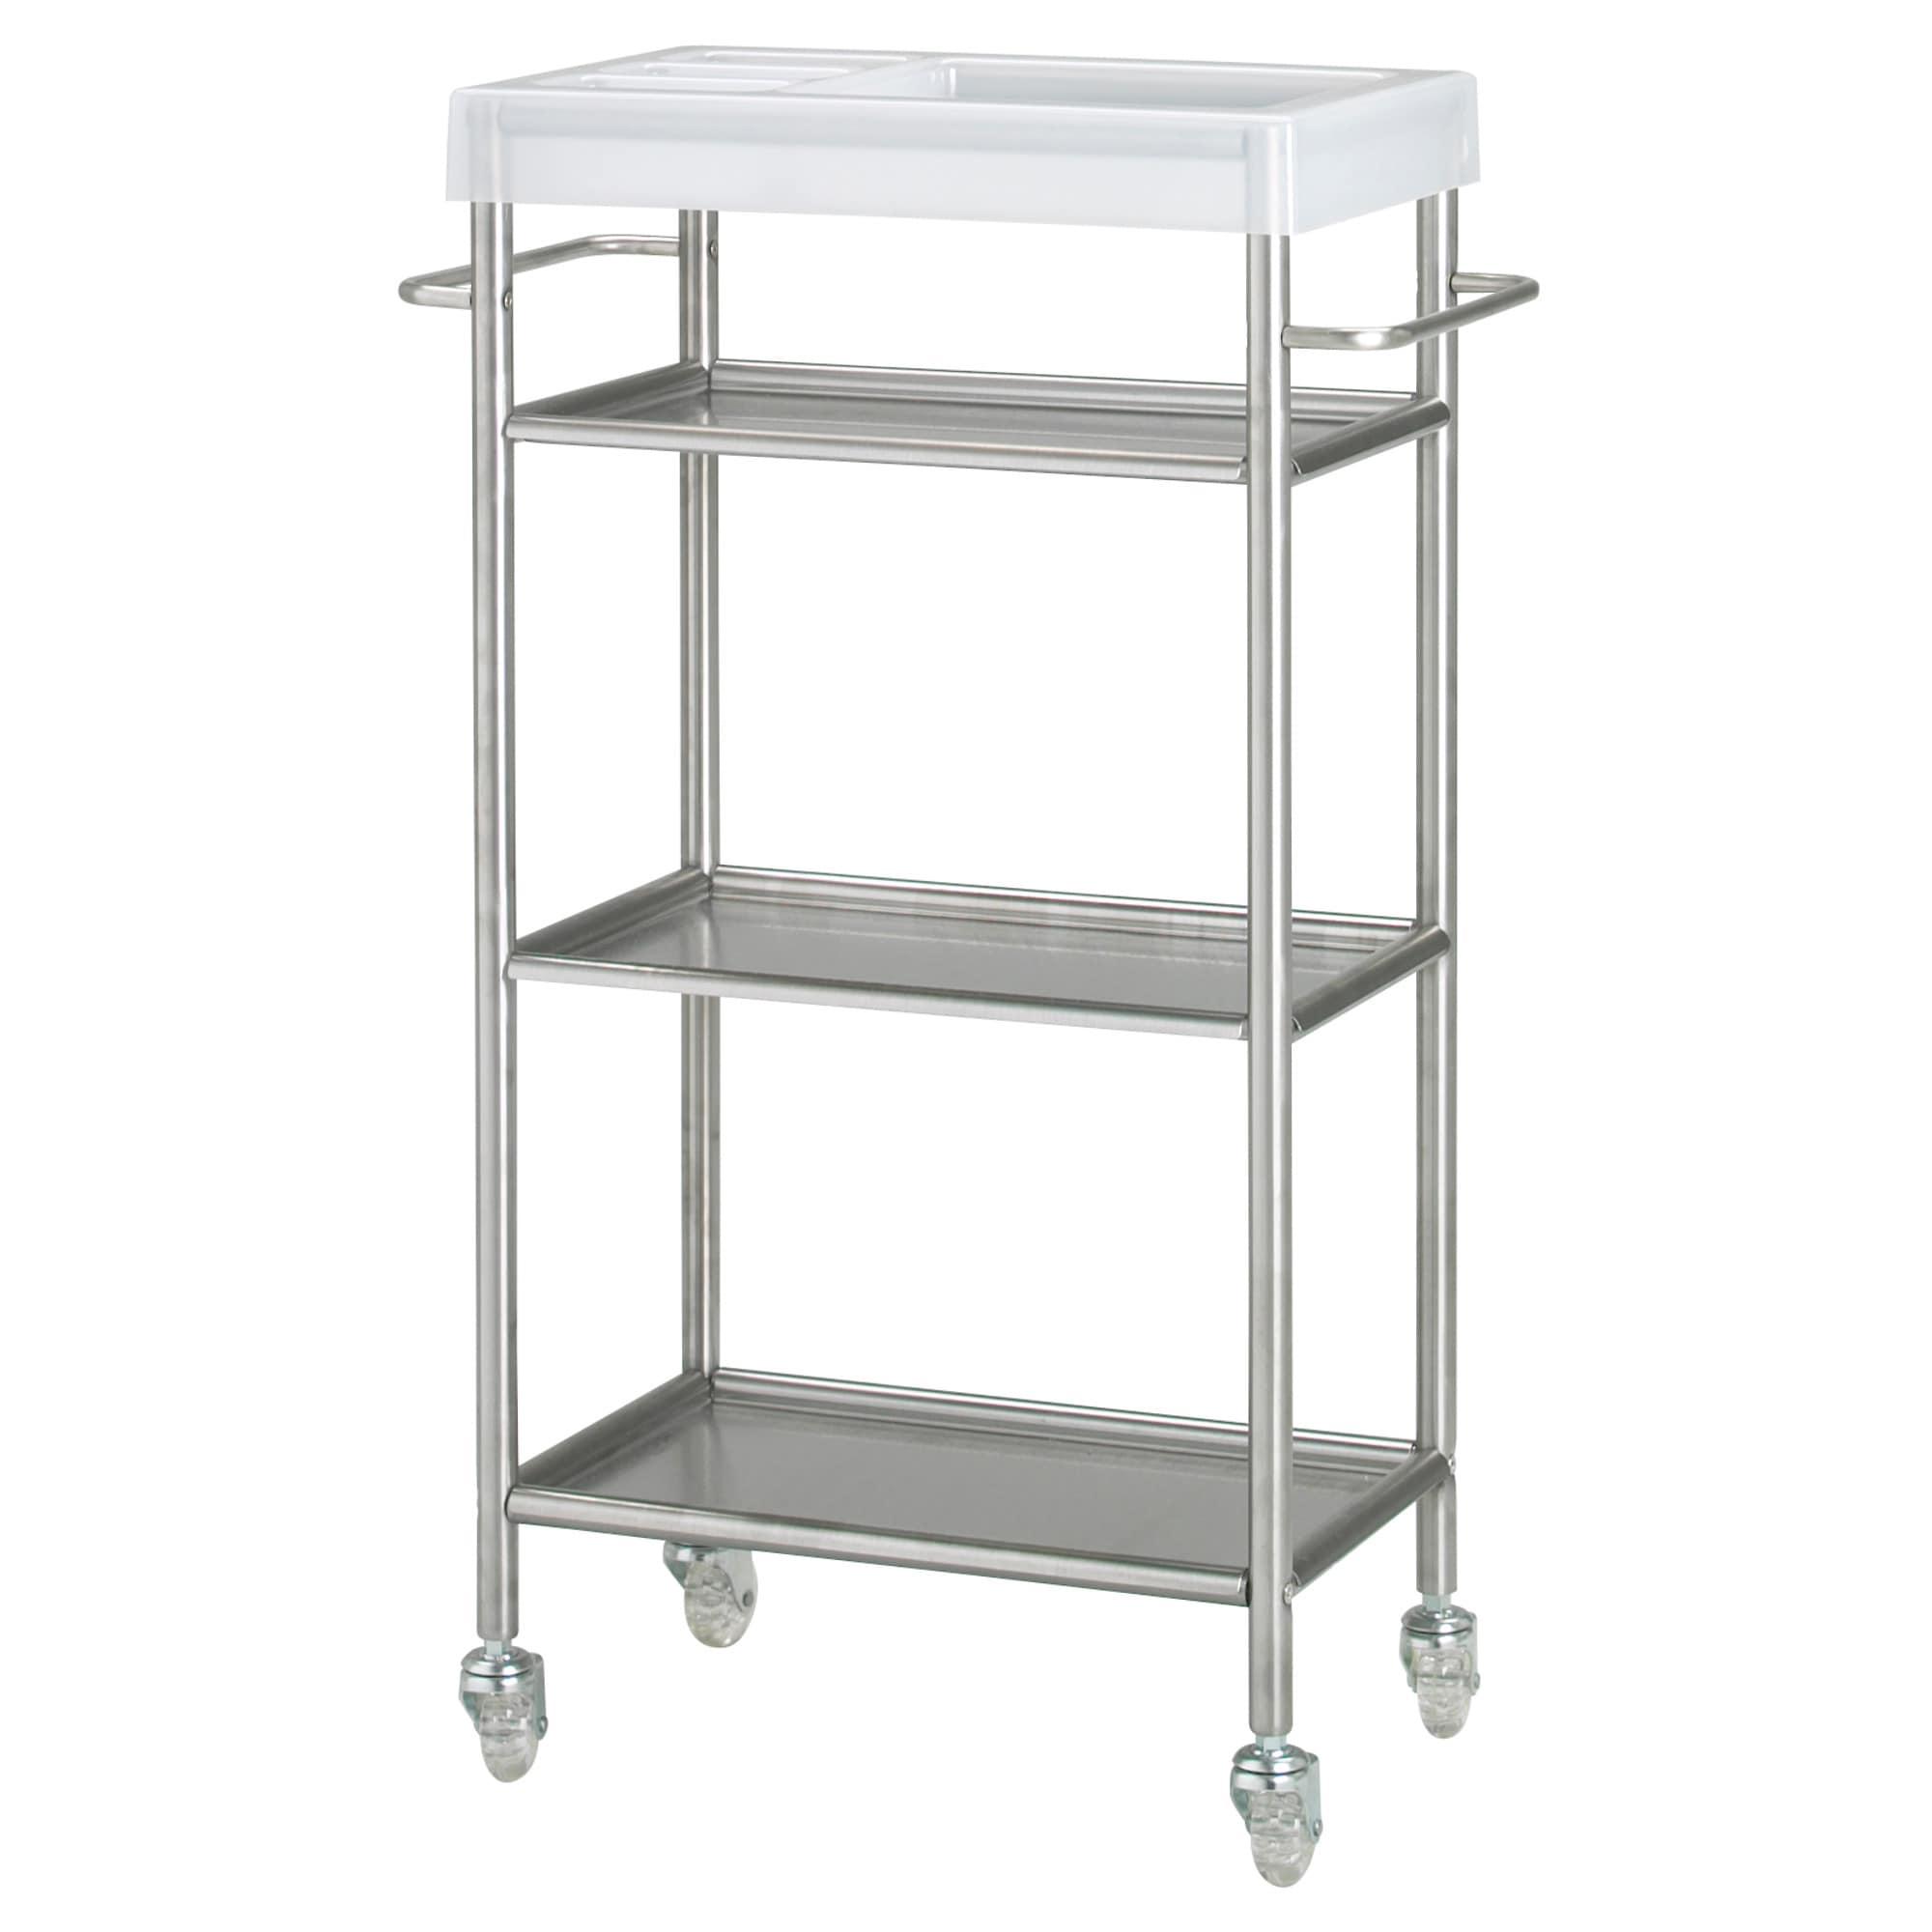 Grundtal Ikea Muebles De Acero Inoxidable Y Pisos Para Banos